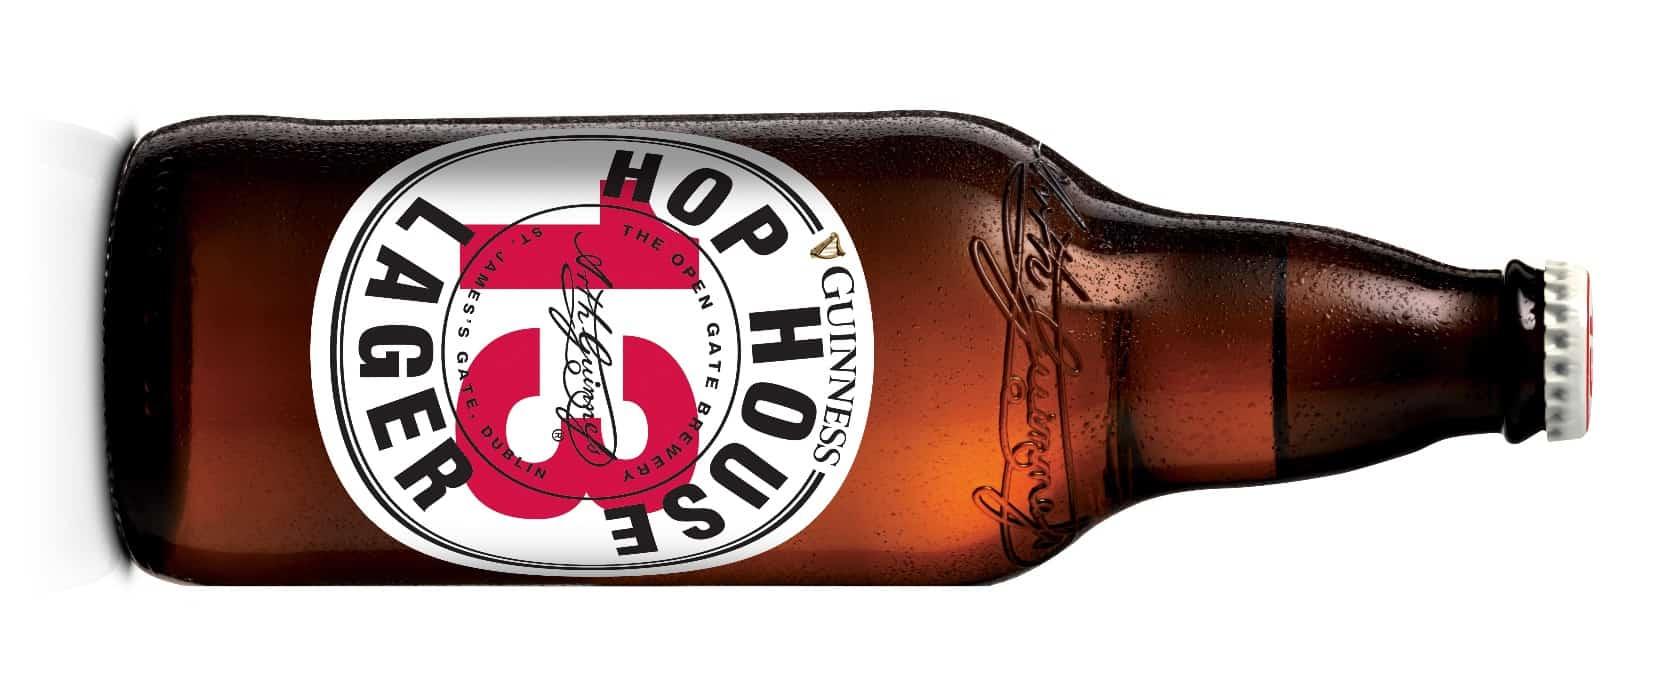 A Hop House 13, uma inovação da família Guinness vai estar presente no Mercado de Cervejas Artesanais de Cascais, que irá decorrer no Mercado da Vila em Cascais, de 29 de Agosto a 1 de Setembro. Para além do lançamento desta cerveja criada para amigos, que se tornou num sucesso mundial, a marca irá promover um passatempo que habilita dois consumidores a ganharem uma viagem à Irlanda.